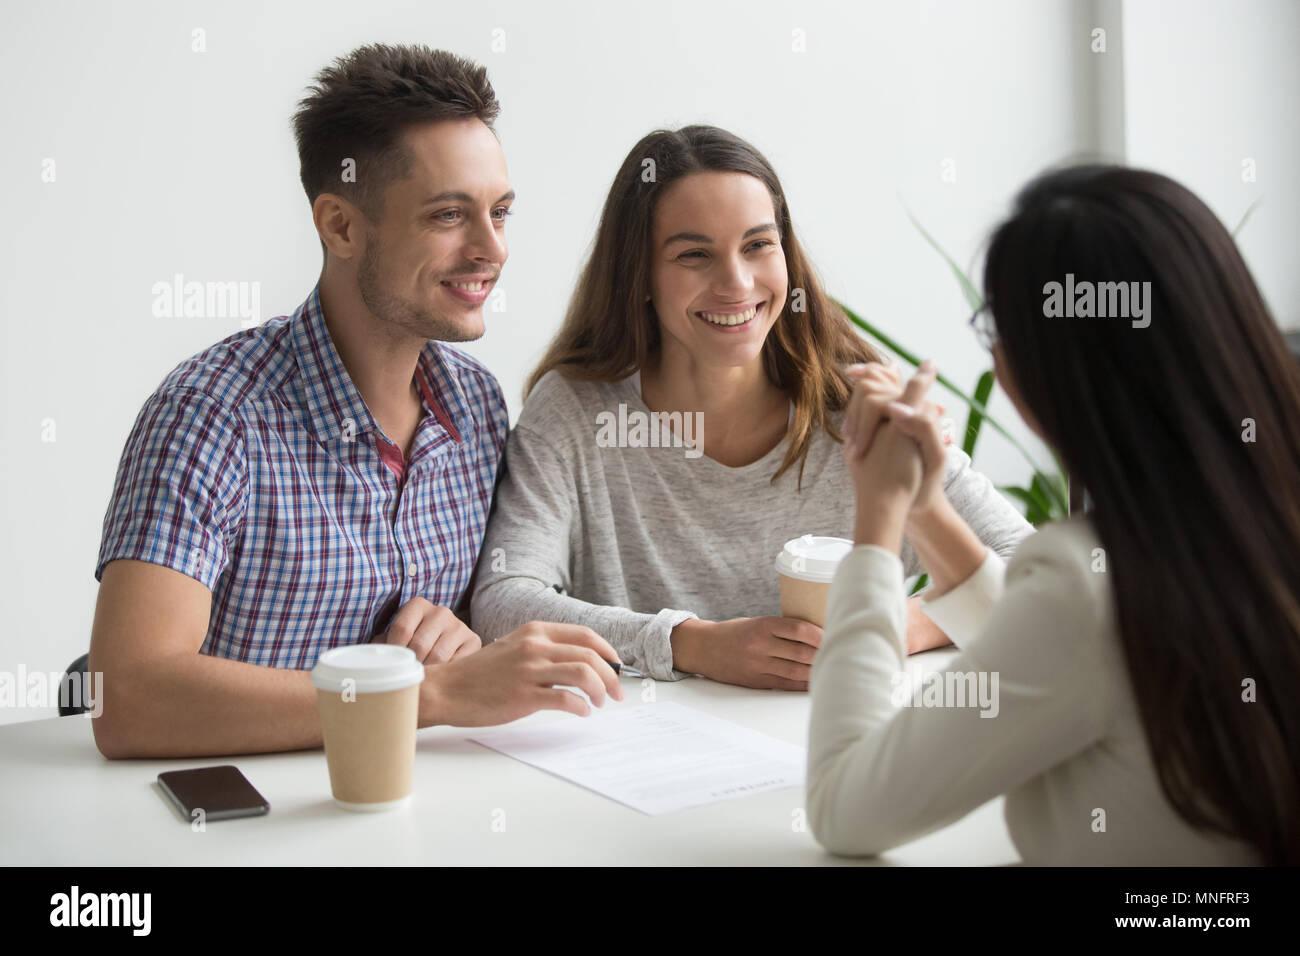 Coppia sorridente parlando di agente immobiliare Immagini Stock